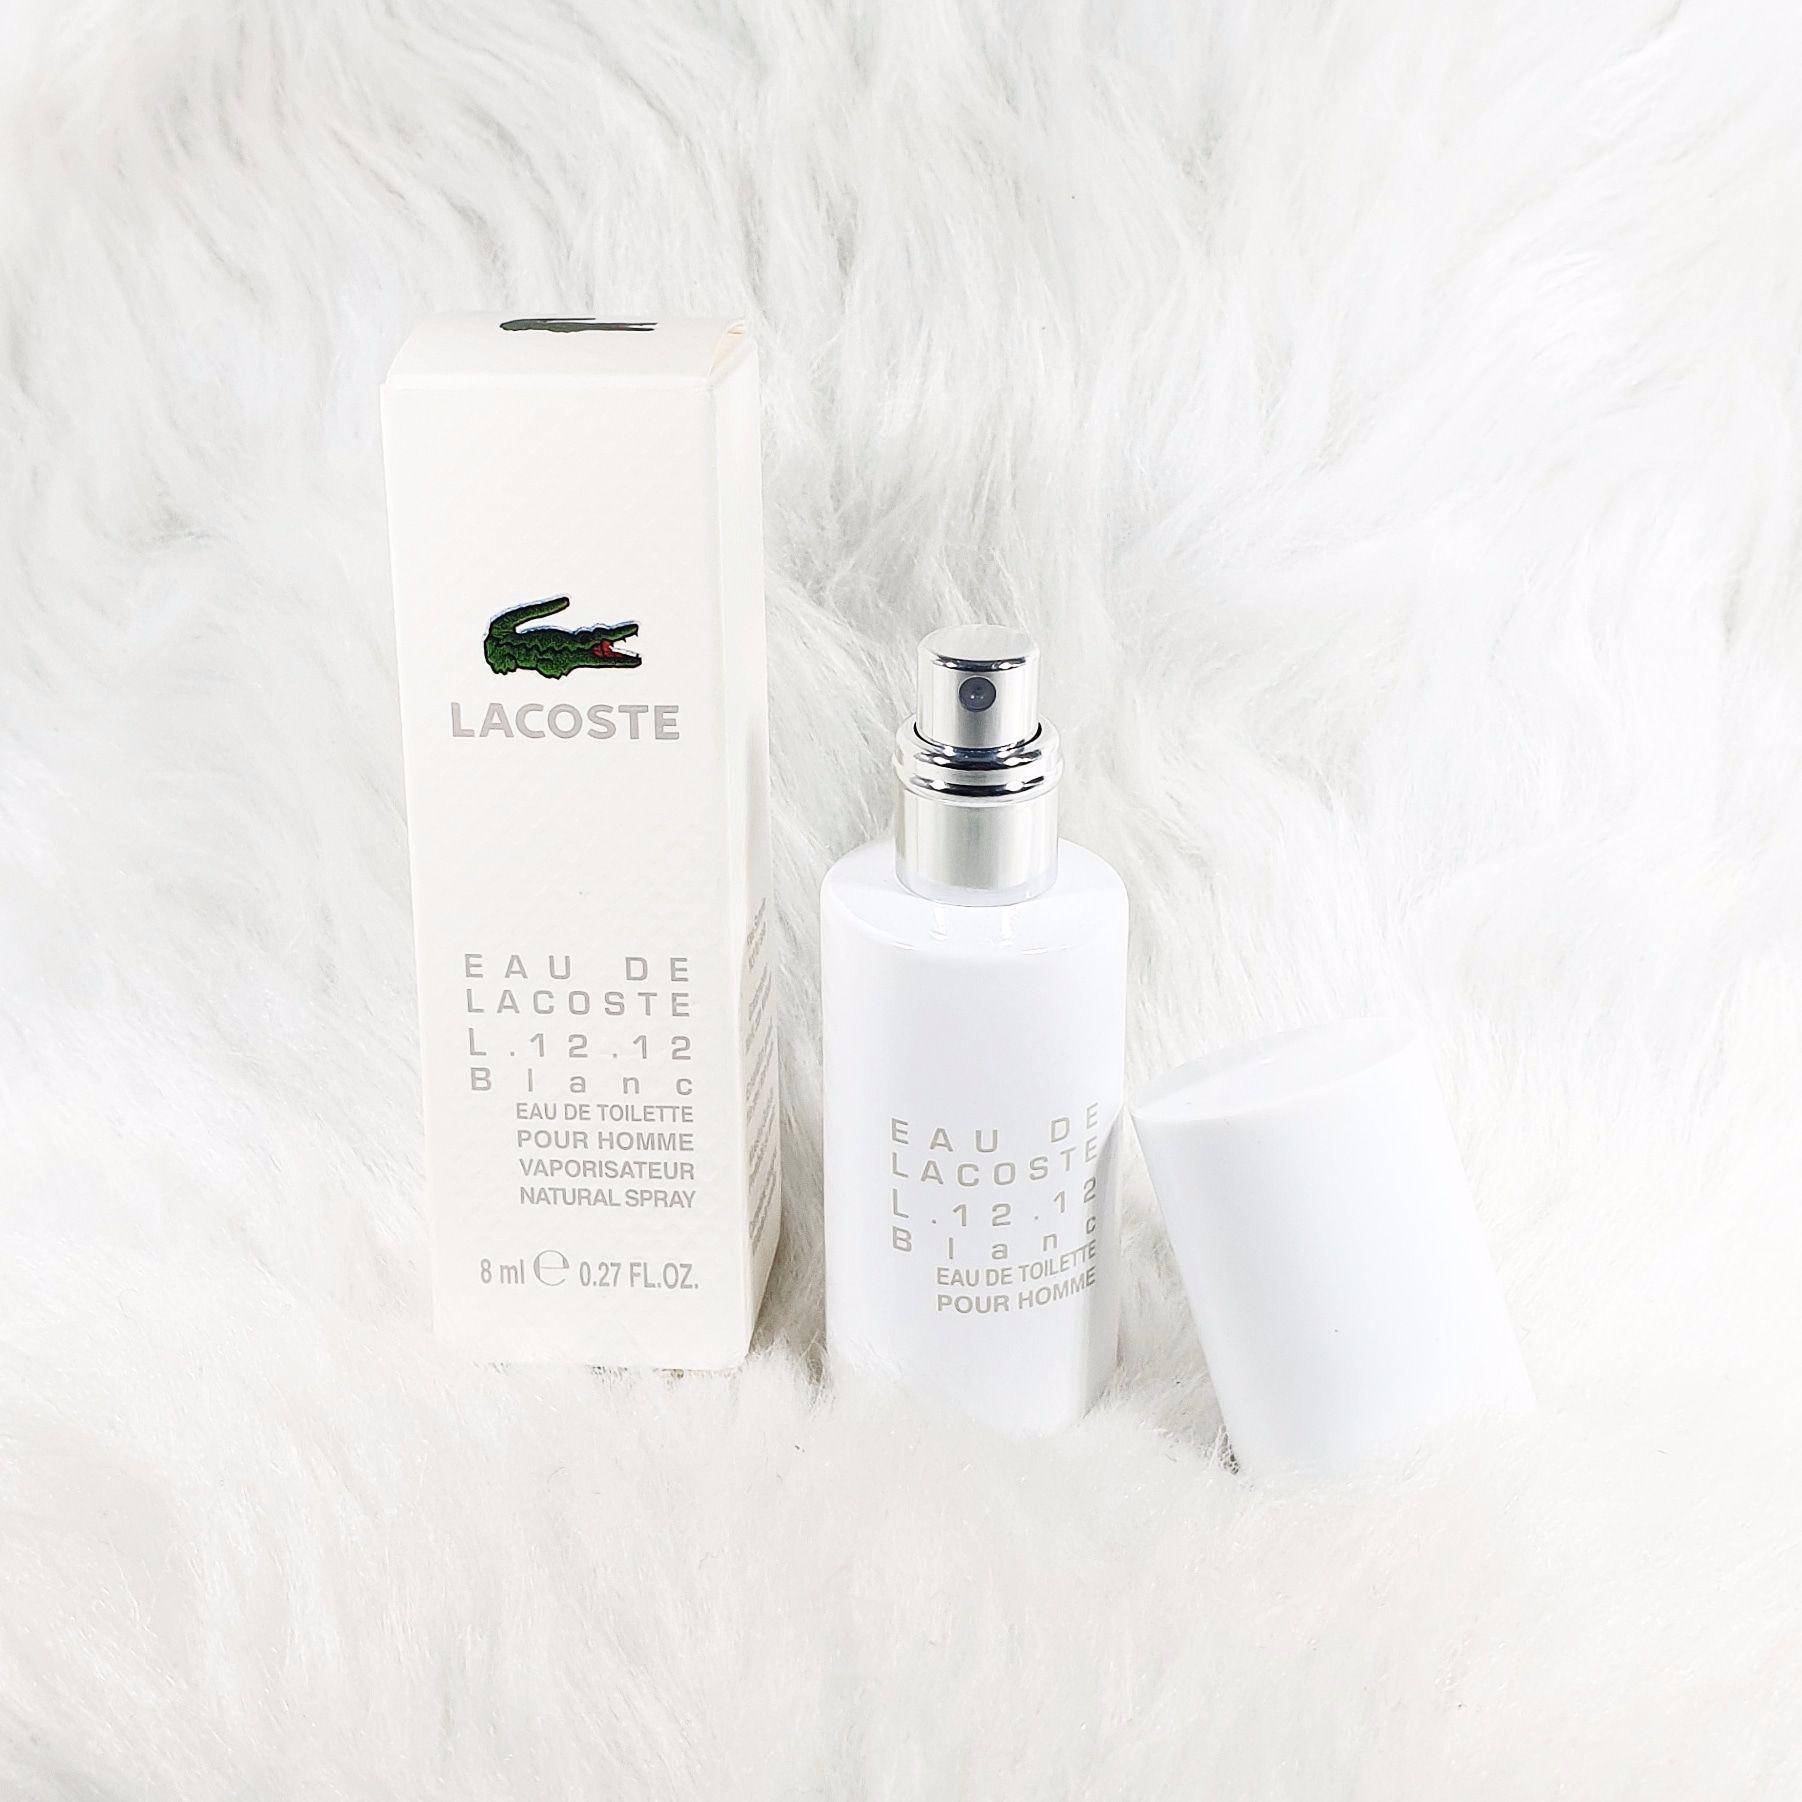 34a0cd1052 Men's Cologne brands - Men's Fragrance on sale, prices, set ...